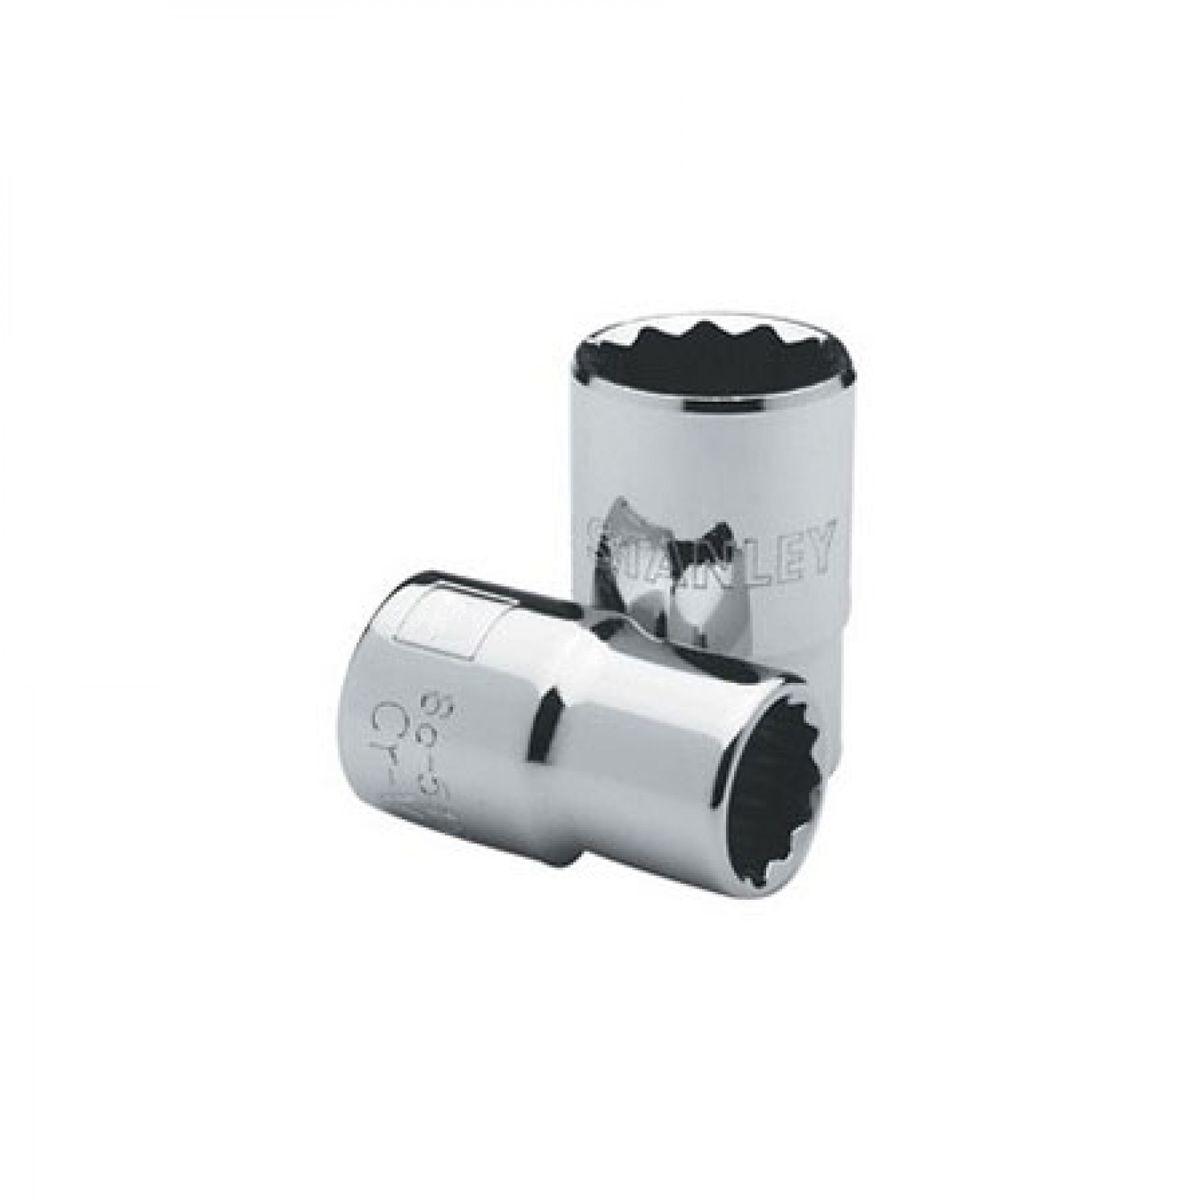 Soquete Curto Estriado 1/2 - 14 mm Ref. 86-546 Stanley